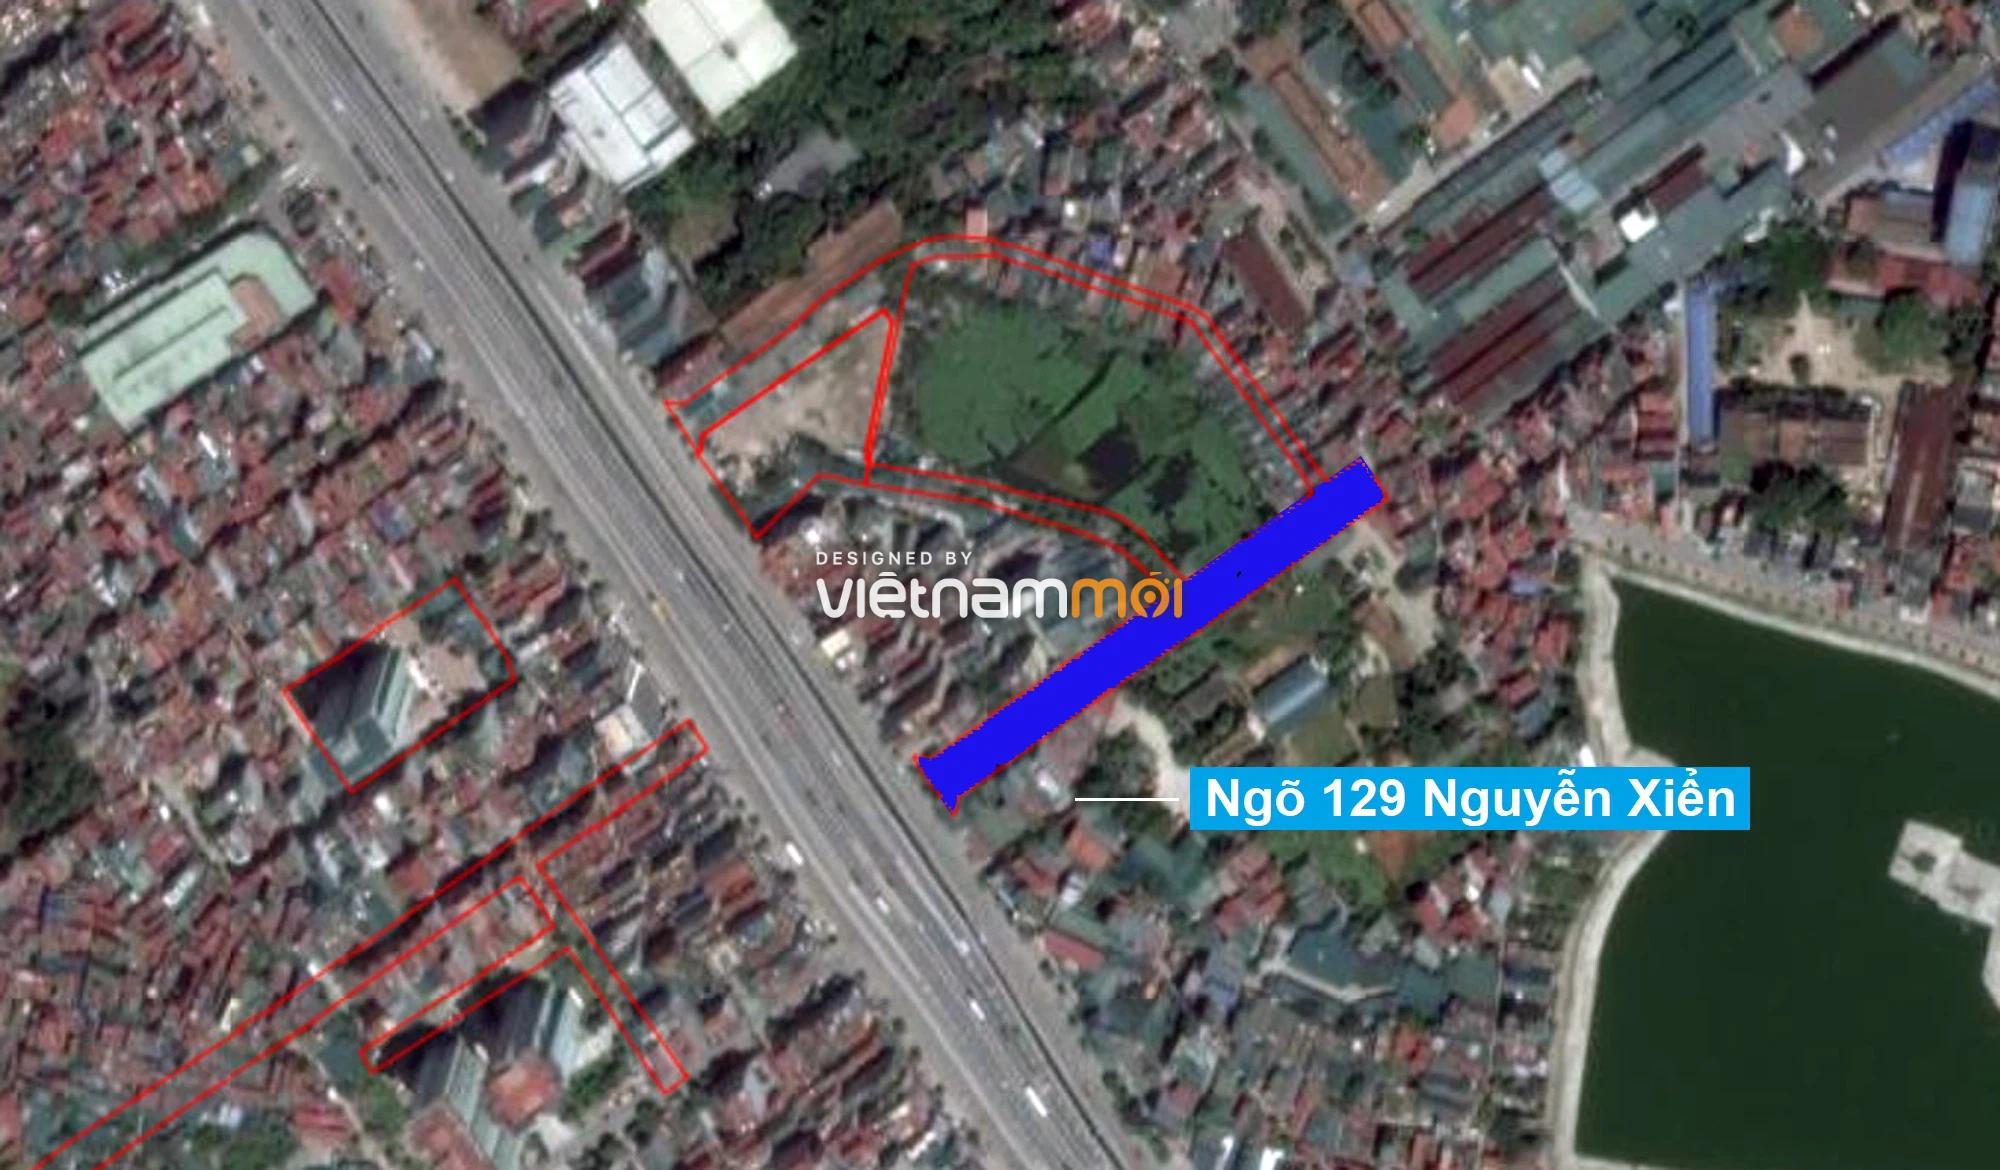 Những khu đất sắp thu hồi để mở đường ở quận Thanh Xuân, Hà Nội (phần 2) - Ảnh 2.